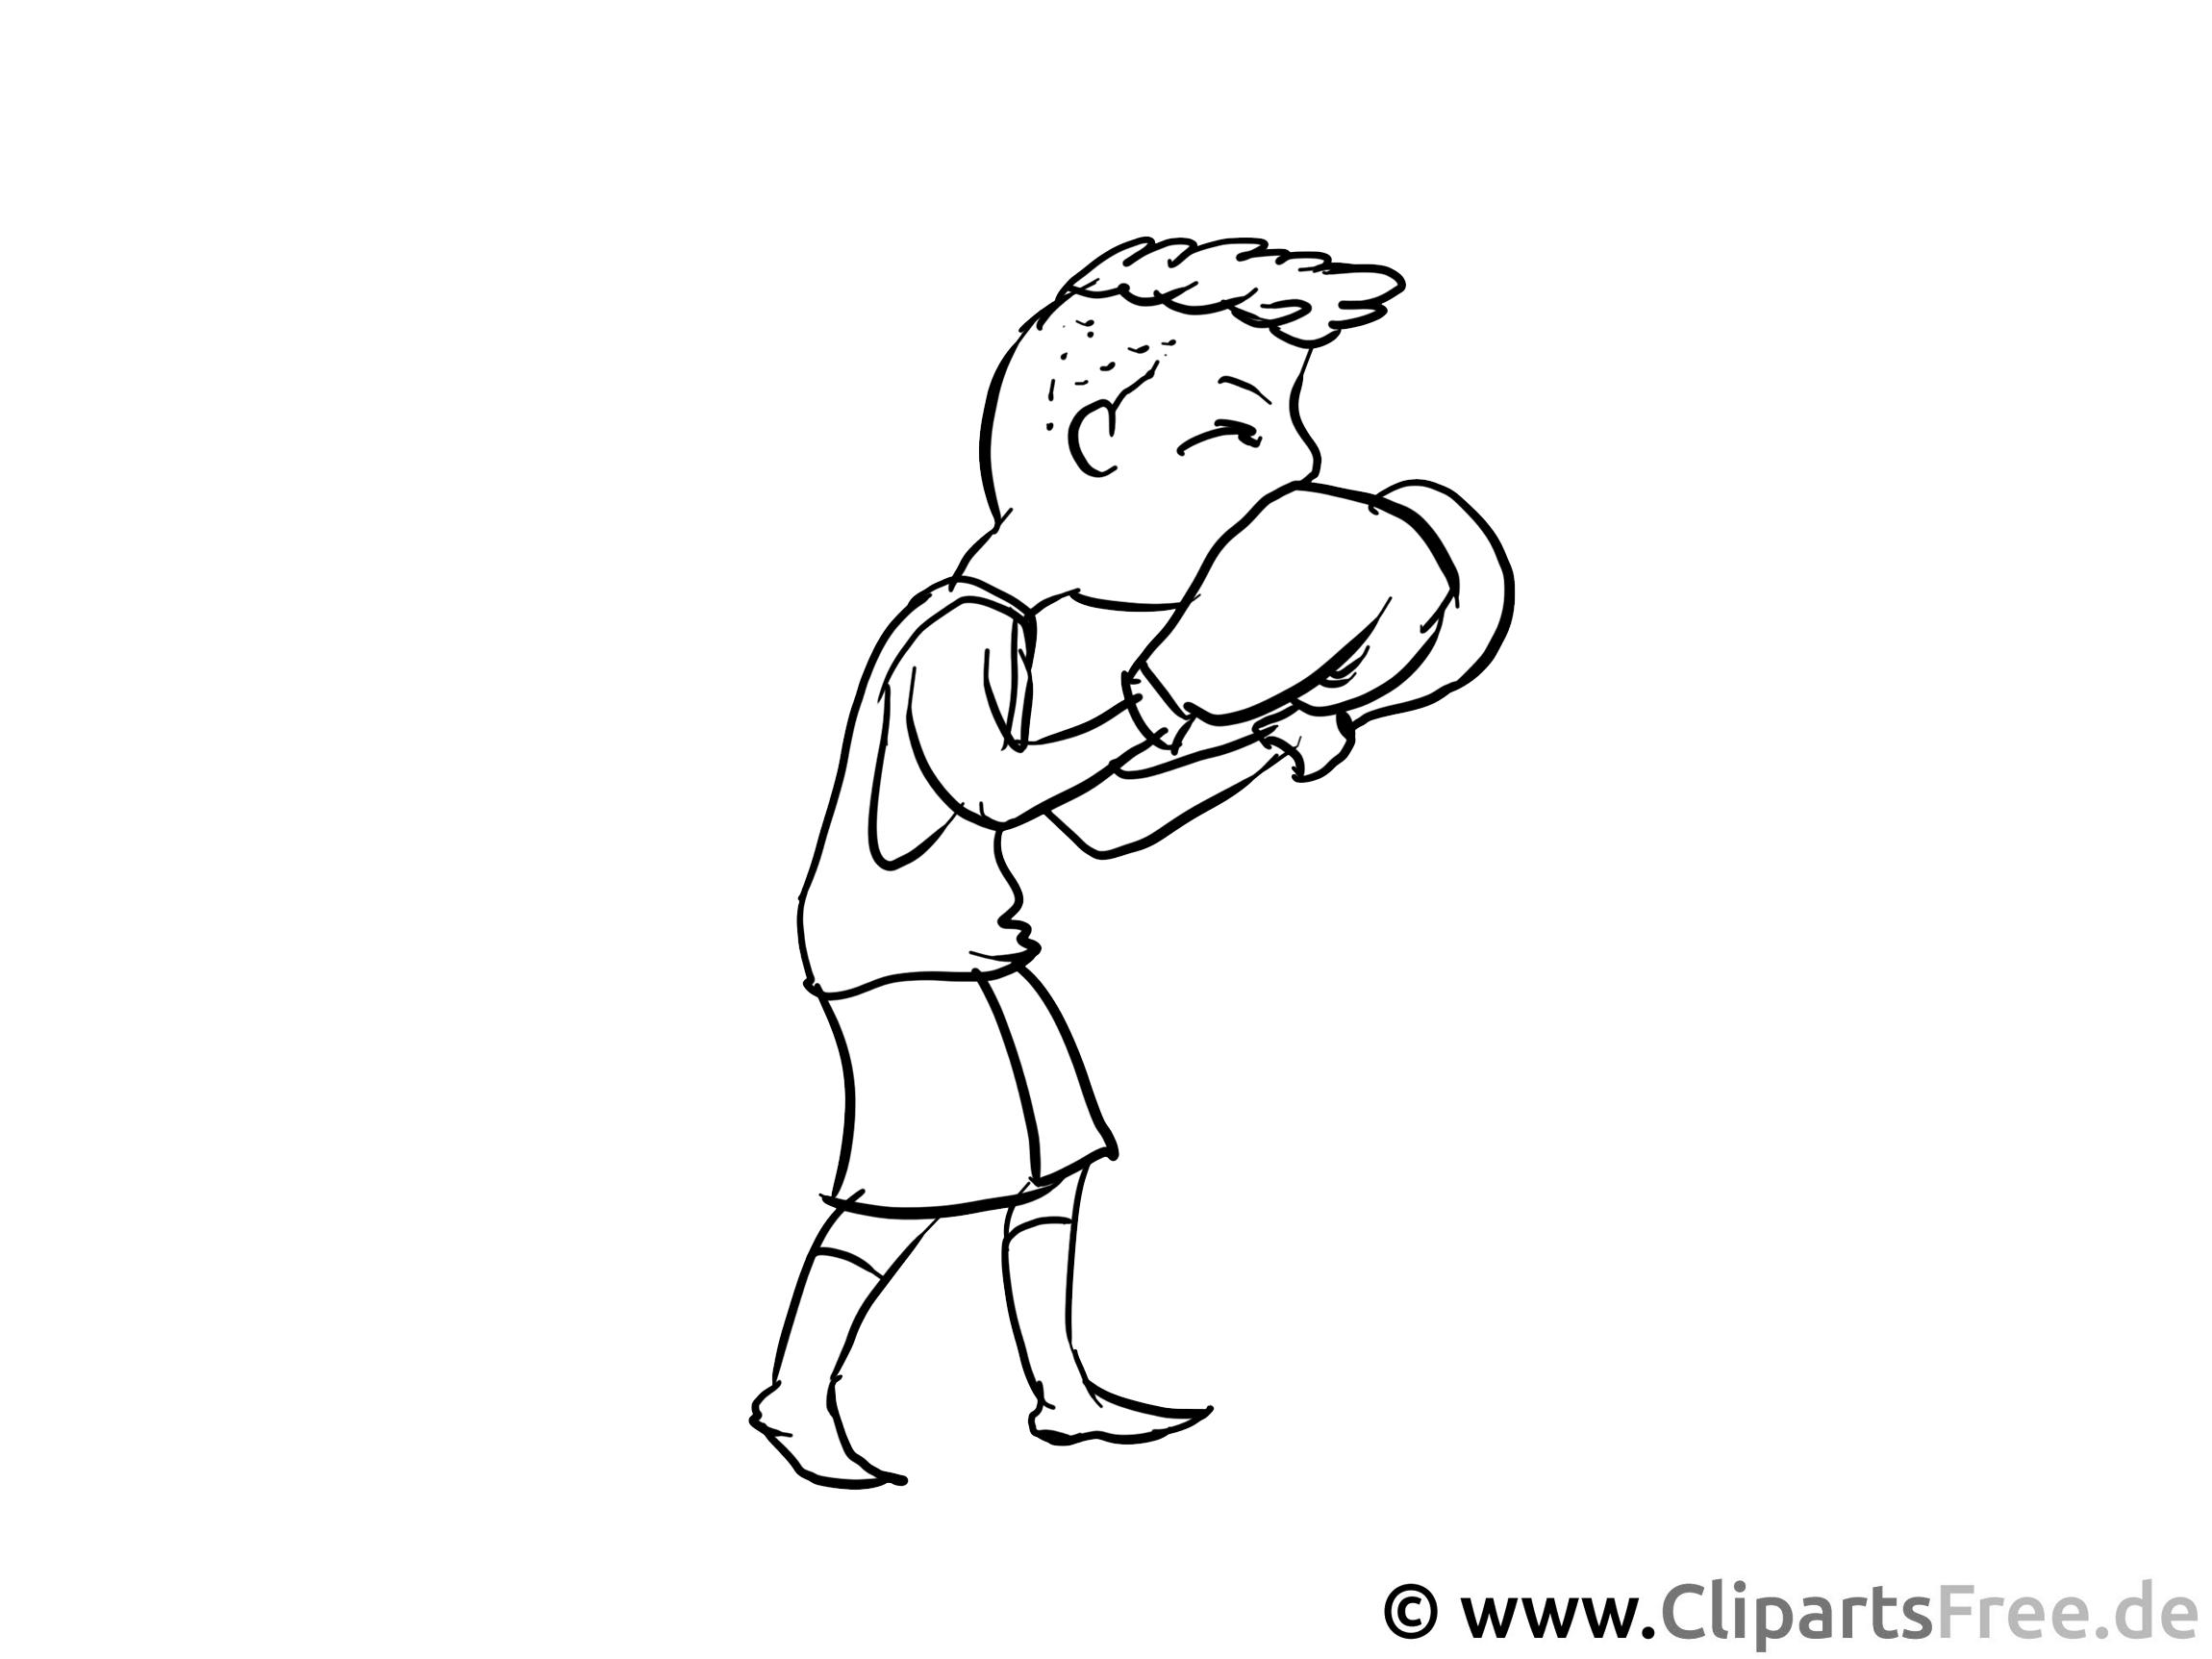 Boxer - Beruf Ausmalbilder und Malvorlagen